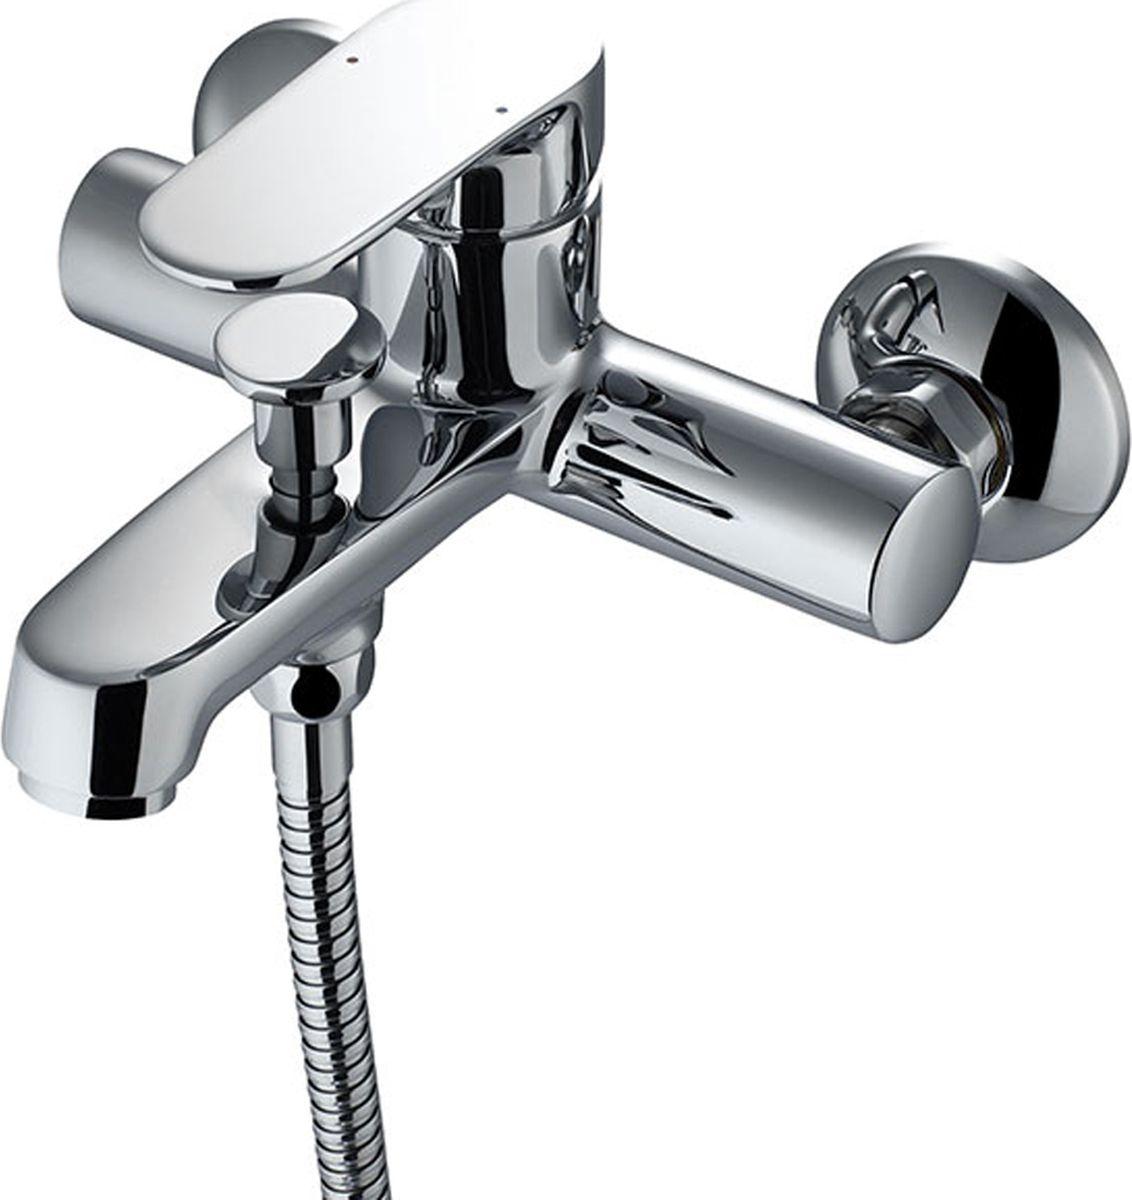 Смеситель для ванны Milardo Dover, с коротким изливом, цвет: хромDOVSB00M02Смеситель для ванны Milardo Dover изготовлен из высококачественной первичной латуни, прочной, безопасной и стойкой к коррозии. Инновационные технологии литья и обработки латуни, а также увеличенная толщина стенок смесителя обеспечивают его стойкость к перепадам давления и температур. Увеличенное никель-хромовое покрытие полностью соответствует европейским стандартам качества, обеспечивает его стойкость и зеркальный блеск в течение всего срока службы изделия.Благодаря гладкой внутренней поверхности смесителя, рассекателям в водозапорных механизмах и аэратору он имеет минимальный уровень шума. Ручная фиксация дивертора позволяет комфортно принимать душ даже при низком давлении воды. В комплект входят лейка и шланг из нержавеющей стали длиной 1,5 м с защитой от перекручивания.Аэратор: съемный пластиковый.Картридж: керамический. Диаметр картриджа: 35 мм.Дивертор: фиксируемый.Длина излива: 17,2 см.